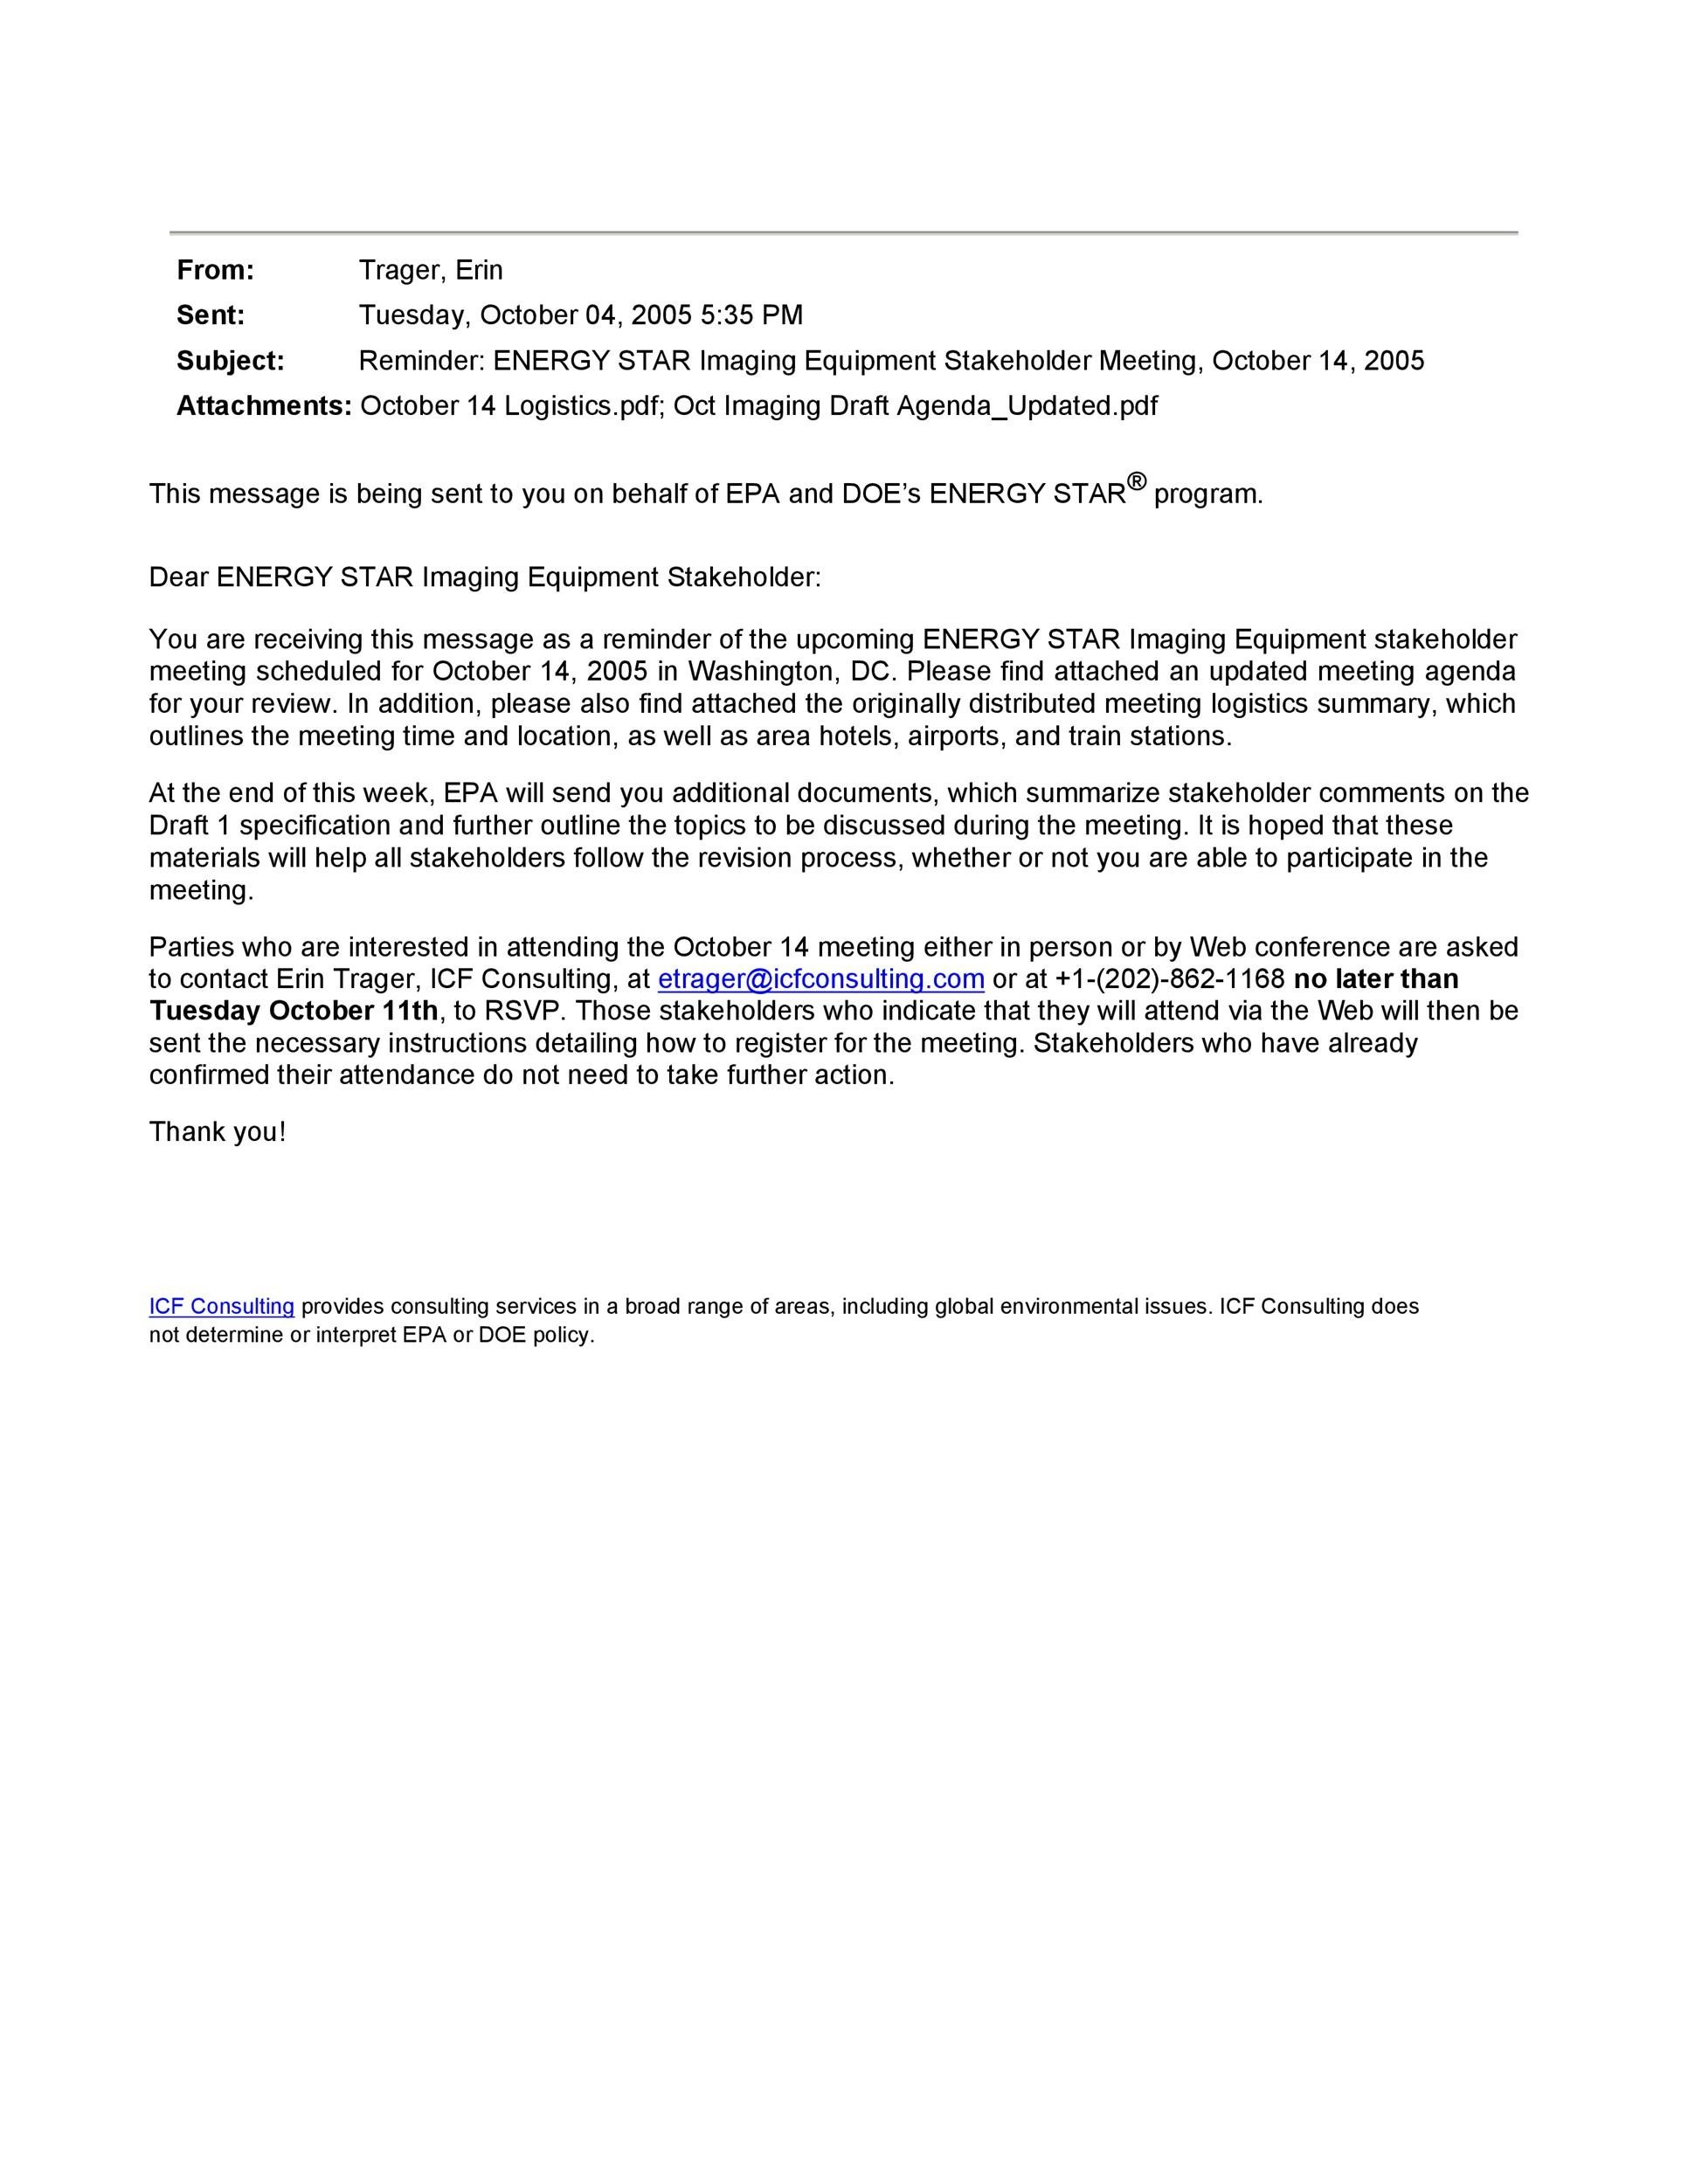 Free reminder email sample 06